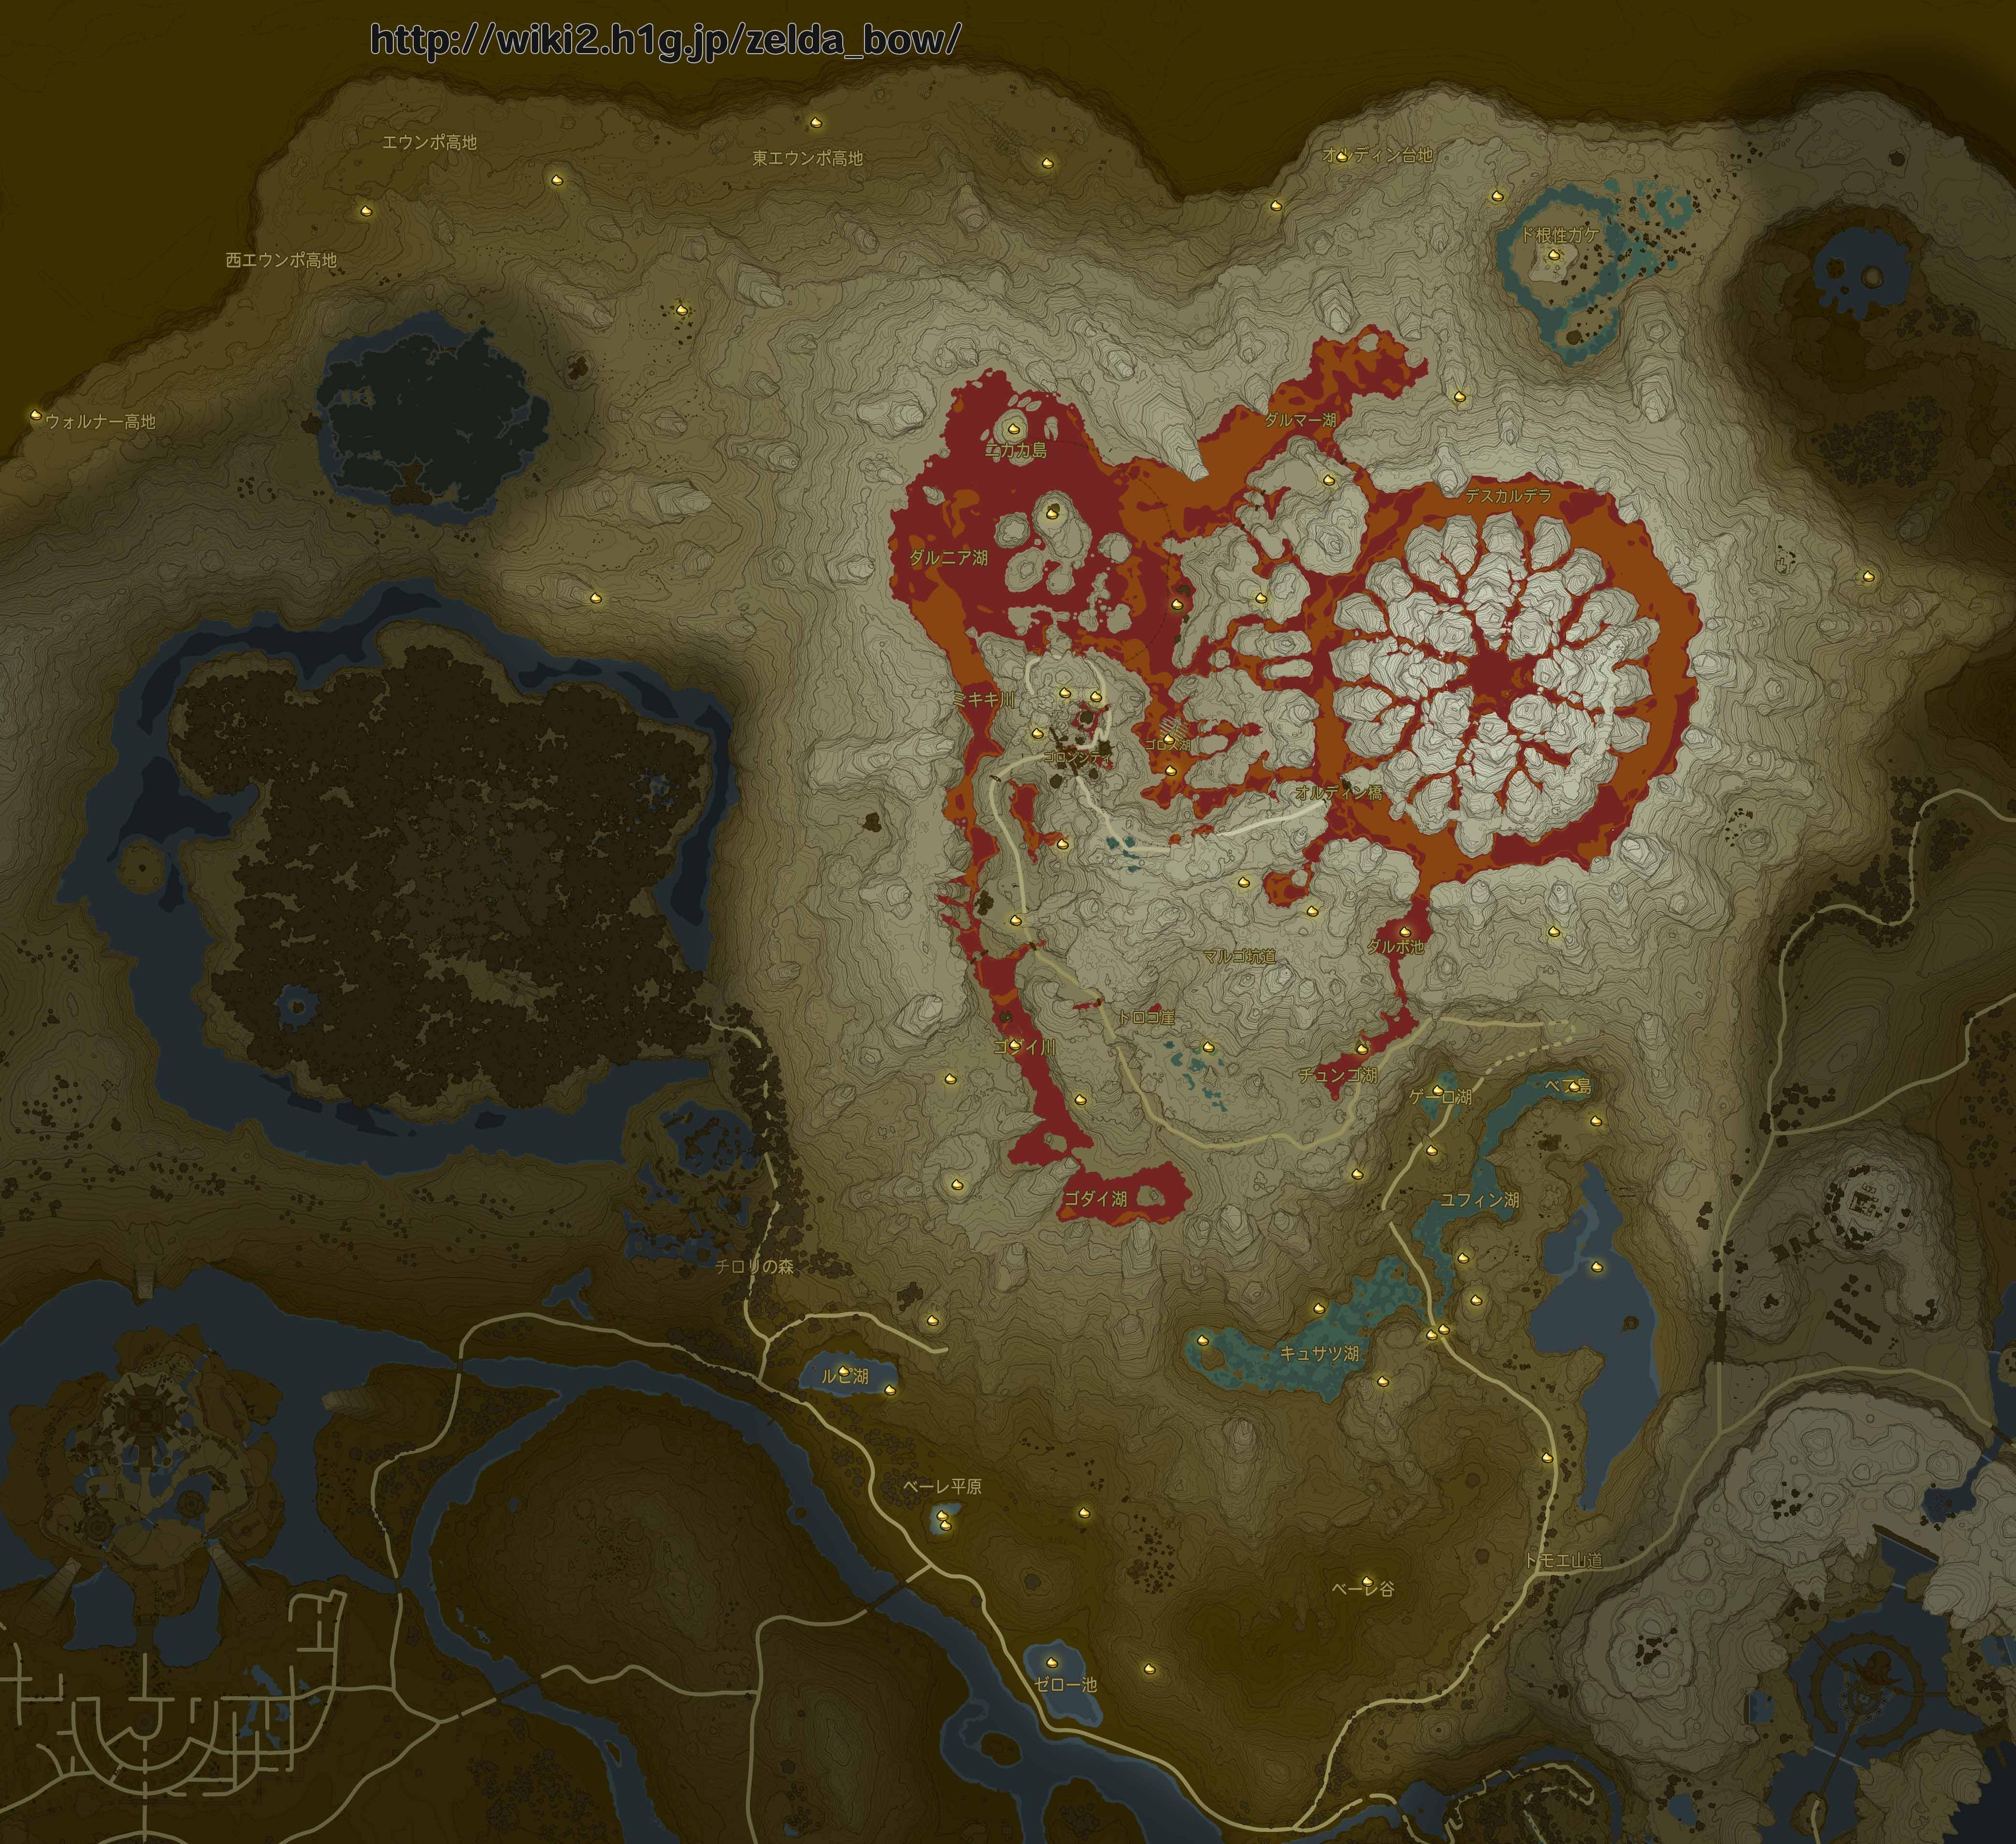 シティ 攻略 ゴロン ゼルダのゴロンシティへの楽な行き方とは?火の神獣での宝箱完全回収ルートもあります!